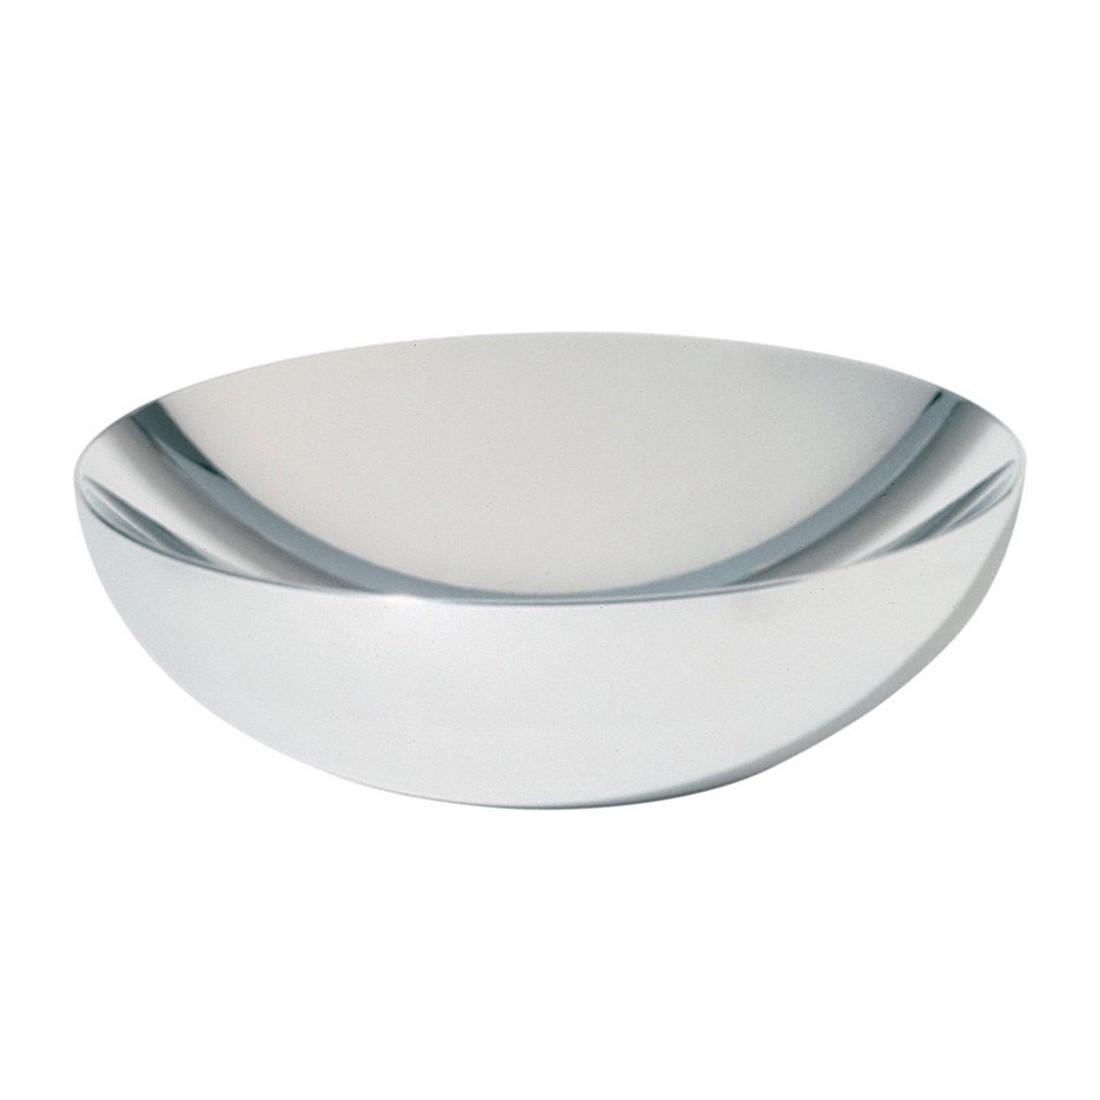 Schale Double – Ø 20cm, Alessi günstig kaufen